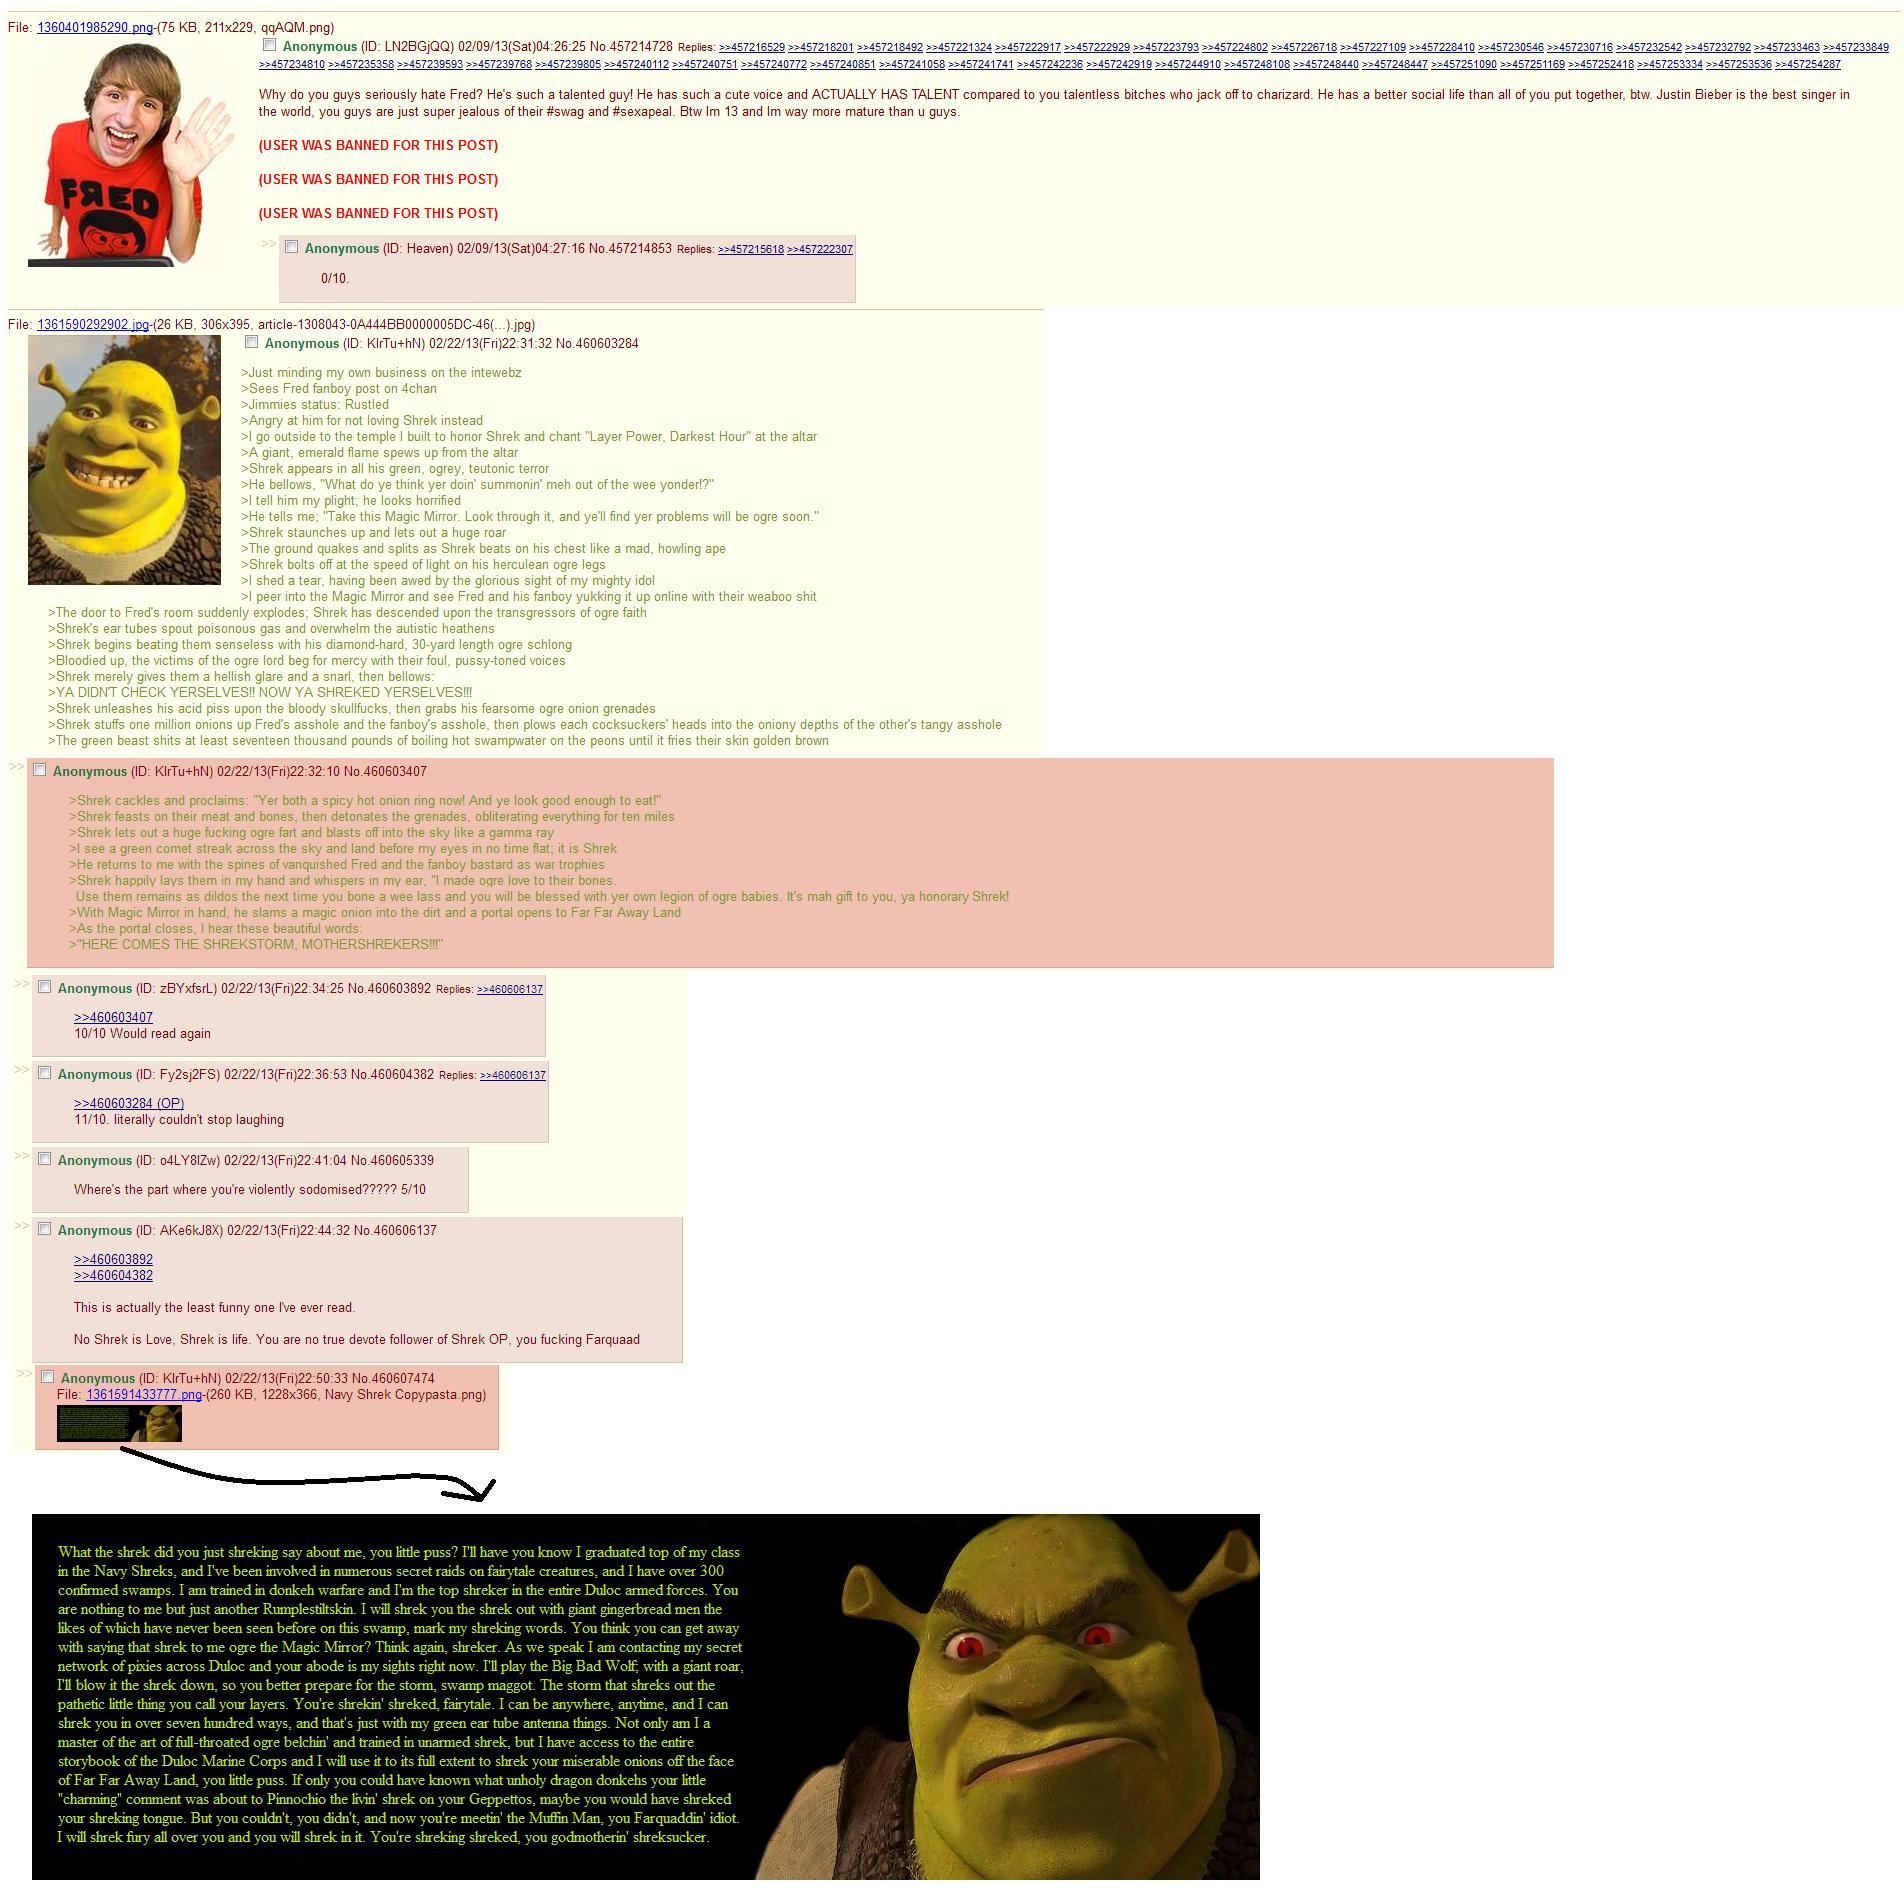 """Another Shrek story. .. I'm so tired of Shrek posts. Somebody doesn't like Shrek, Shrek murders people, something something onions, Shrek the dude up the ass, """"Shrek is love, Shre Another Shrek story I'm so tired of posts Somebody doesn't like murders people something onions the dude up ass """"Shrek is love Shre"""